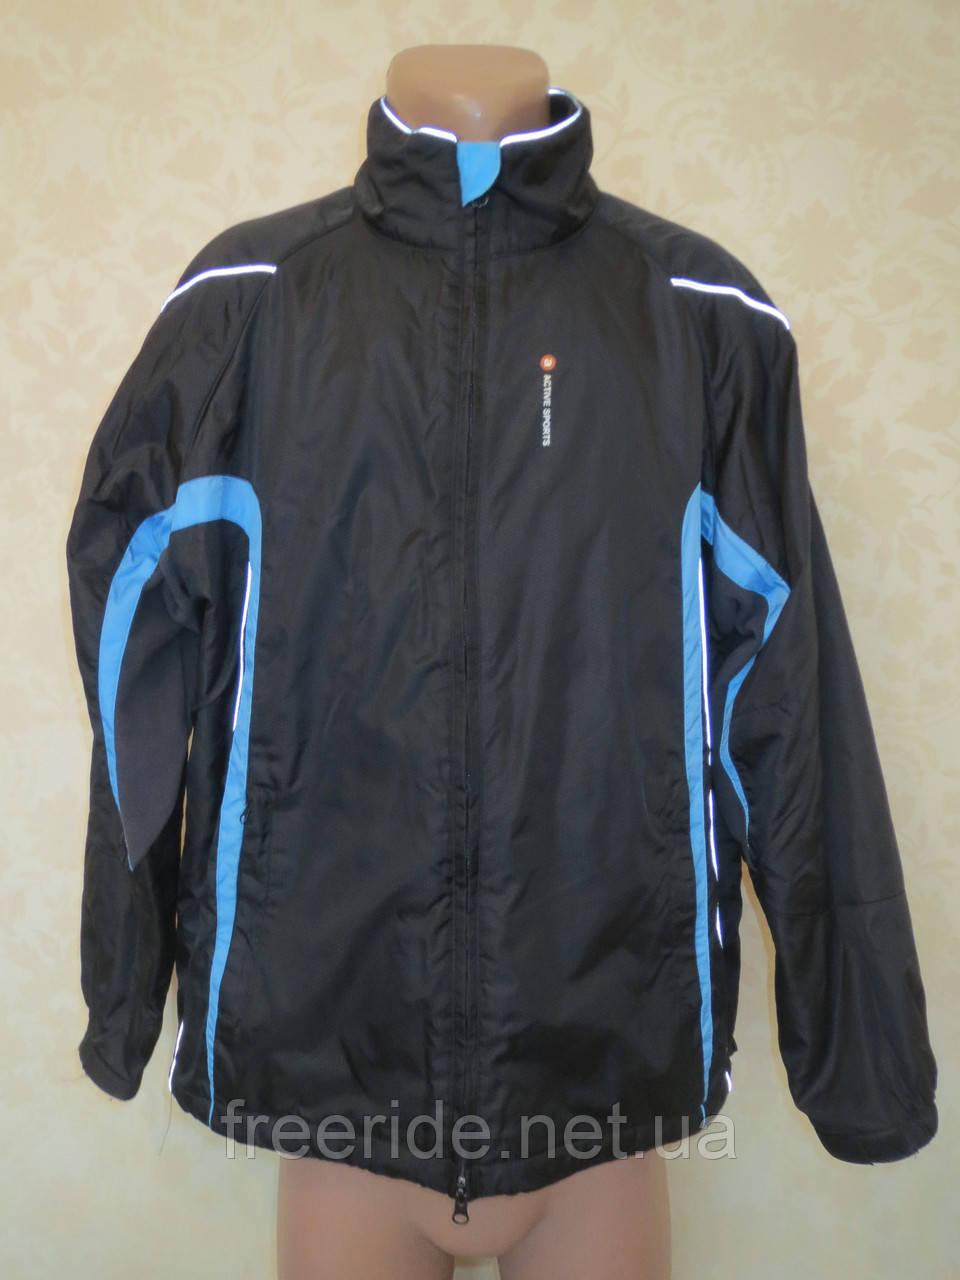 Вело куртка на флисе TCM (как XL) windstopper